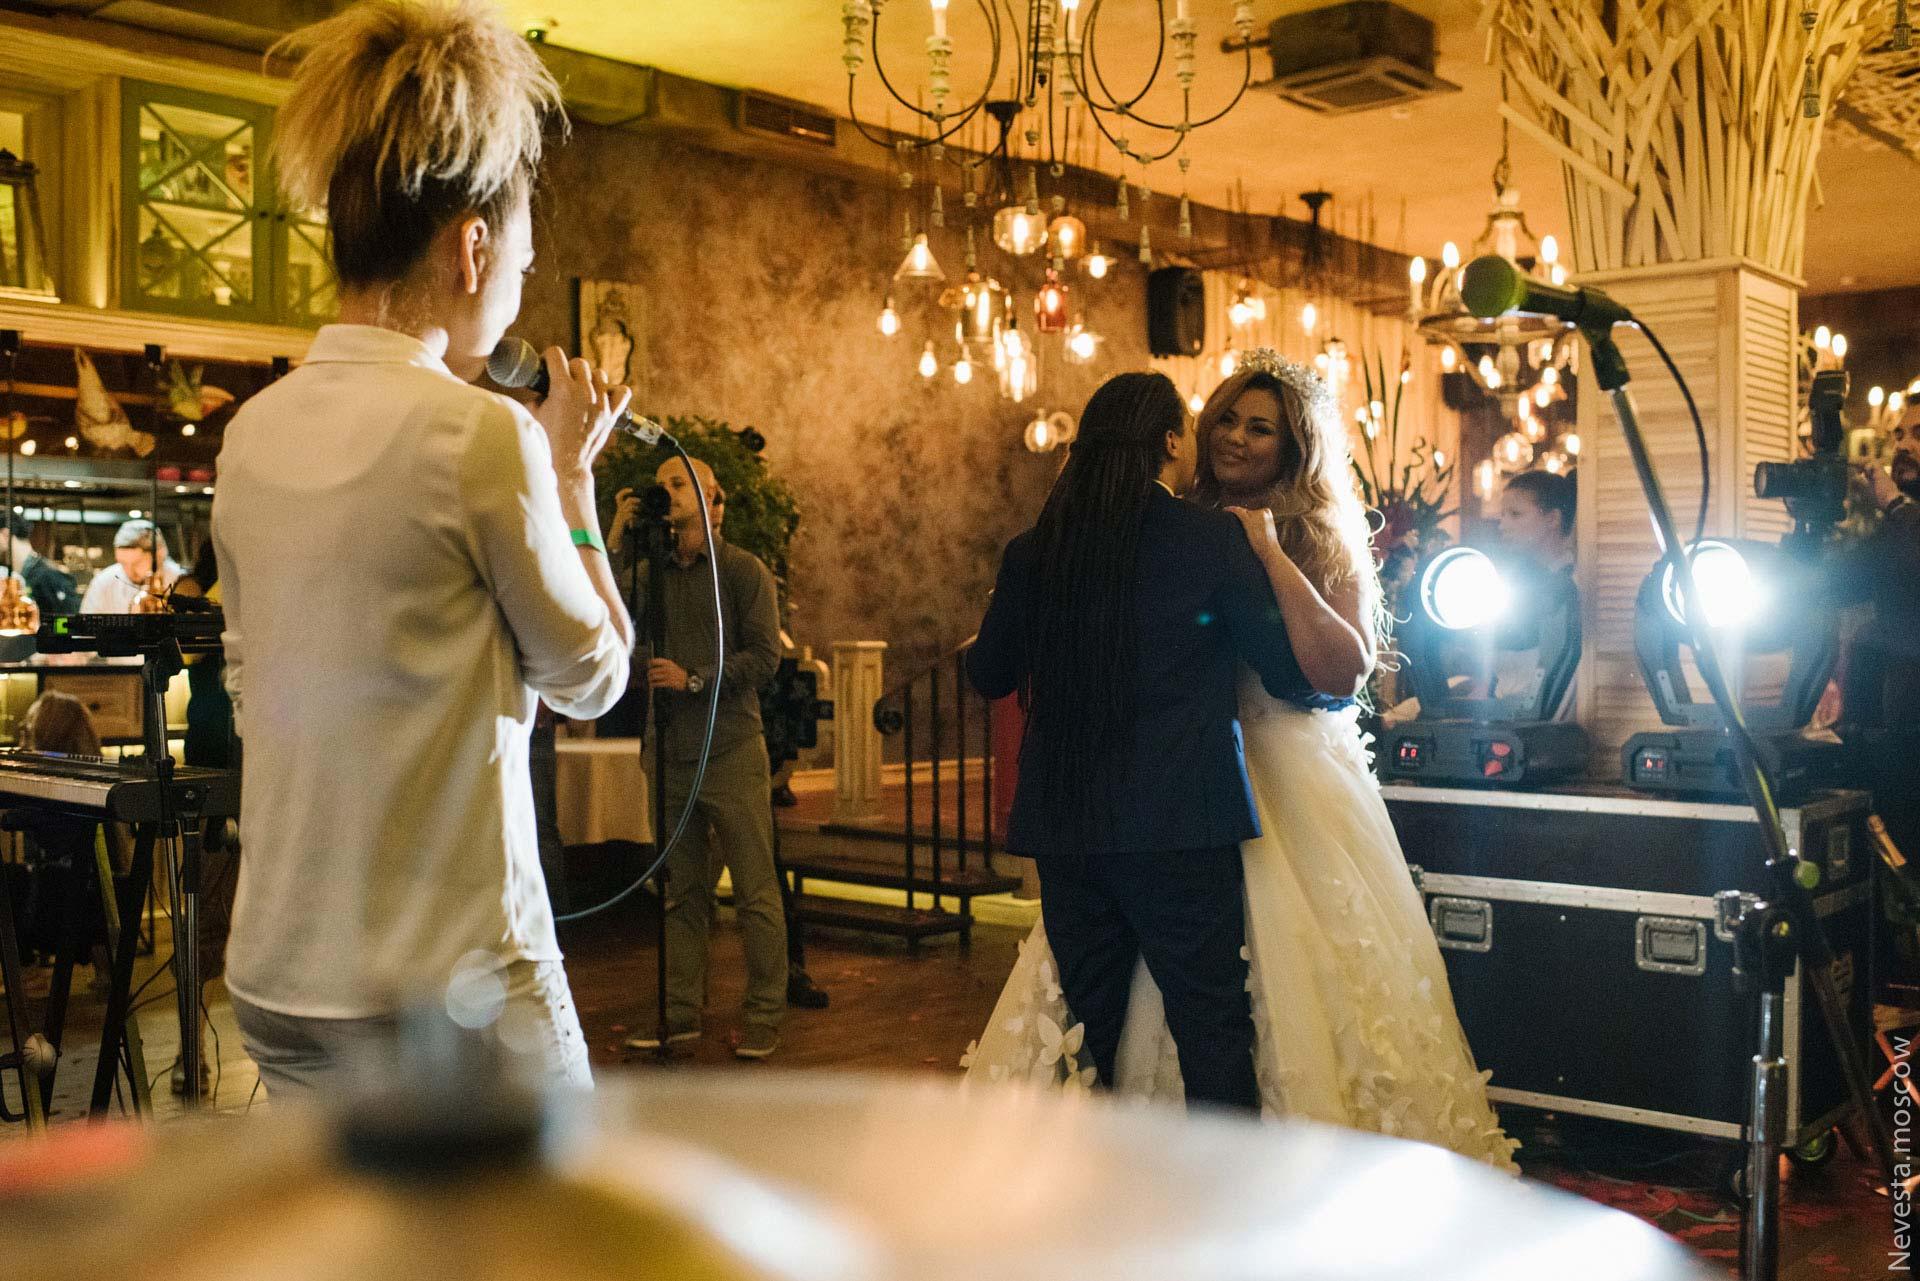 Экзотическая Ямайка. Свадьба Корнелии Манго и Богдана Дюрдя фото 37